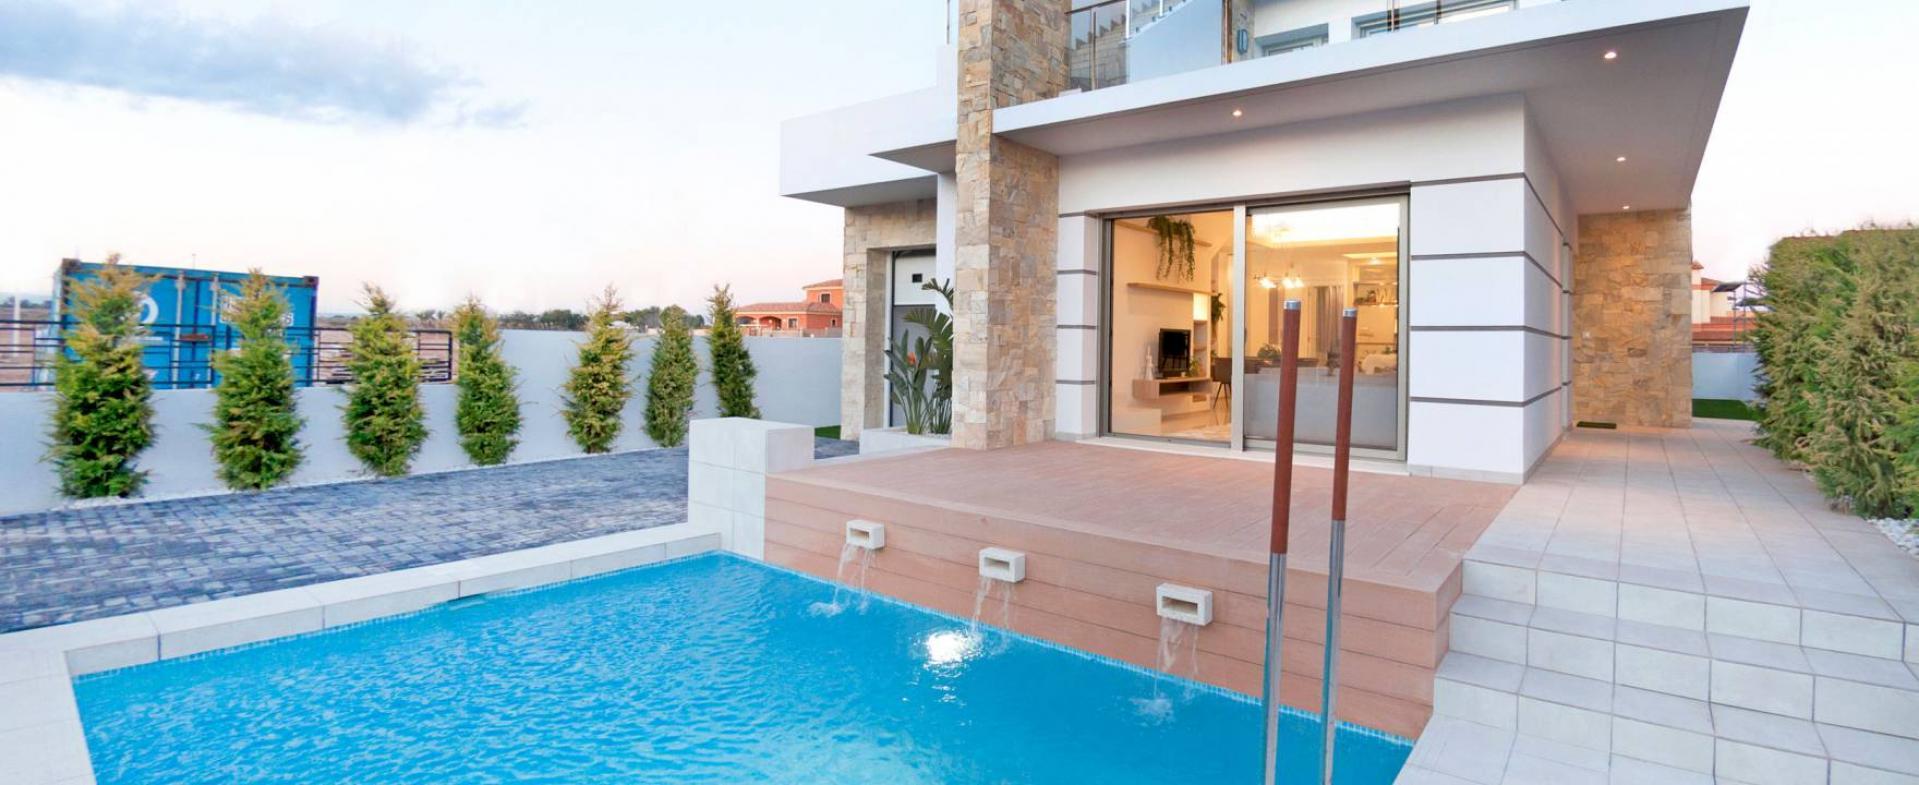 Moderne villa In Los Alcazares Costa Calida, Spanje in Medvilla Spanje